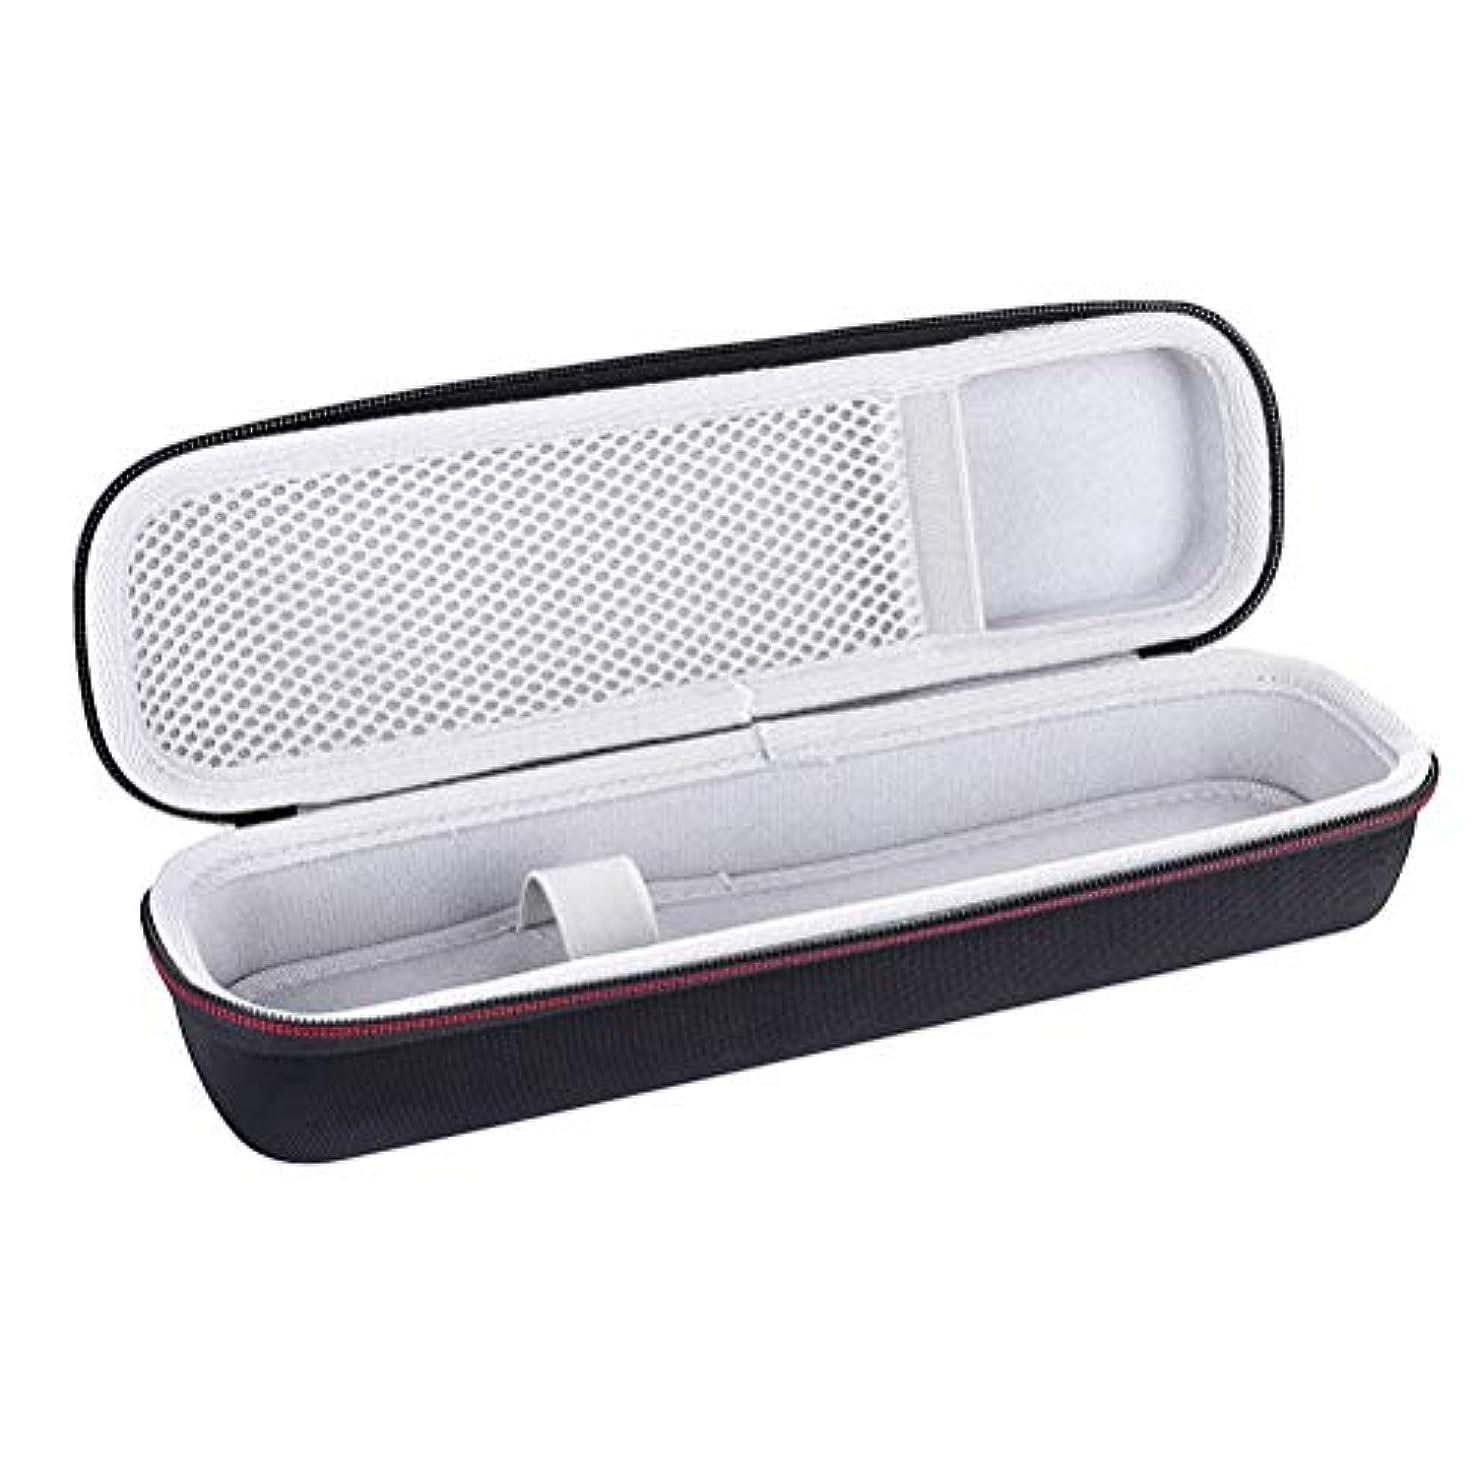 ネクタイ薄いです一般Healifty 電動歯ブラシケースポータブル圧縮抵抗保護歯ブラシ収納ケース屋外旅行用